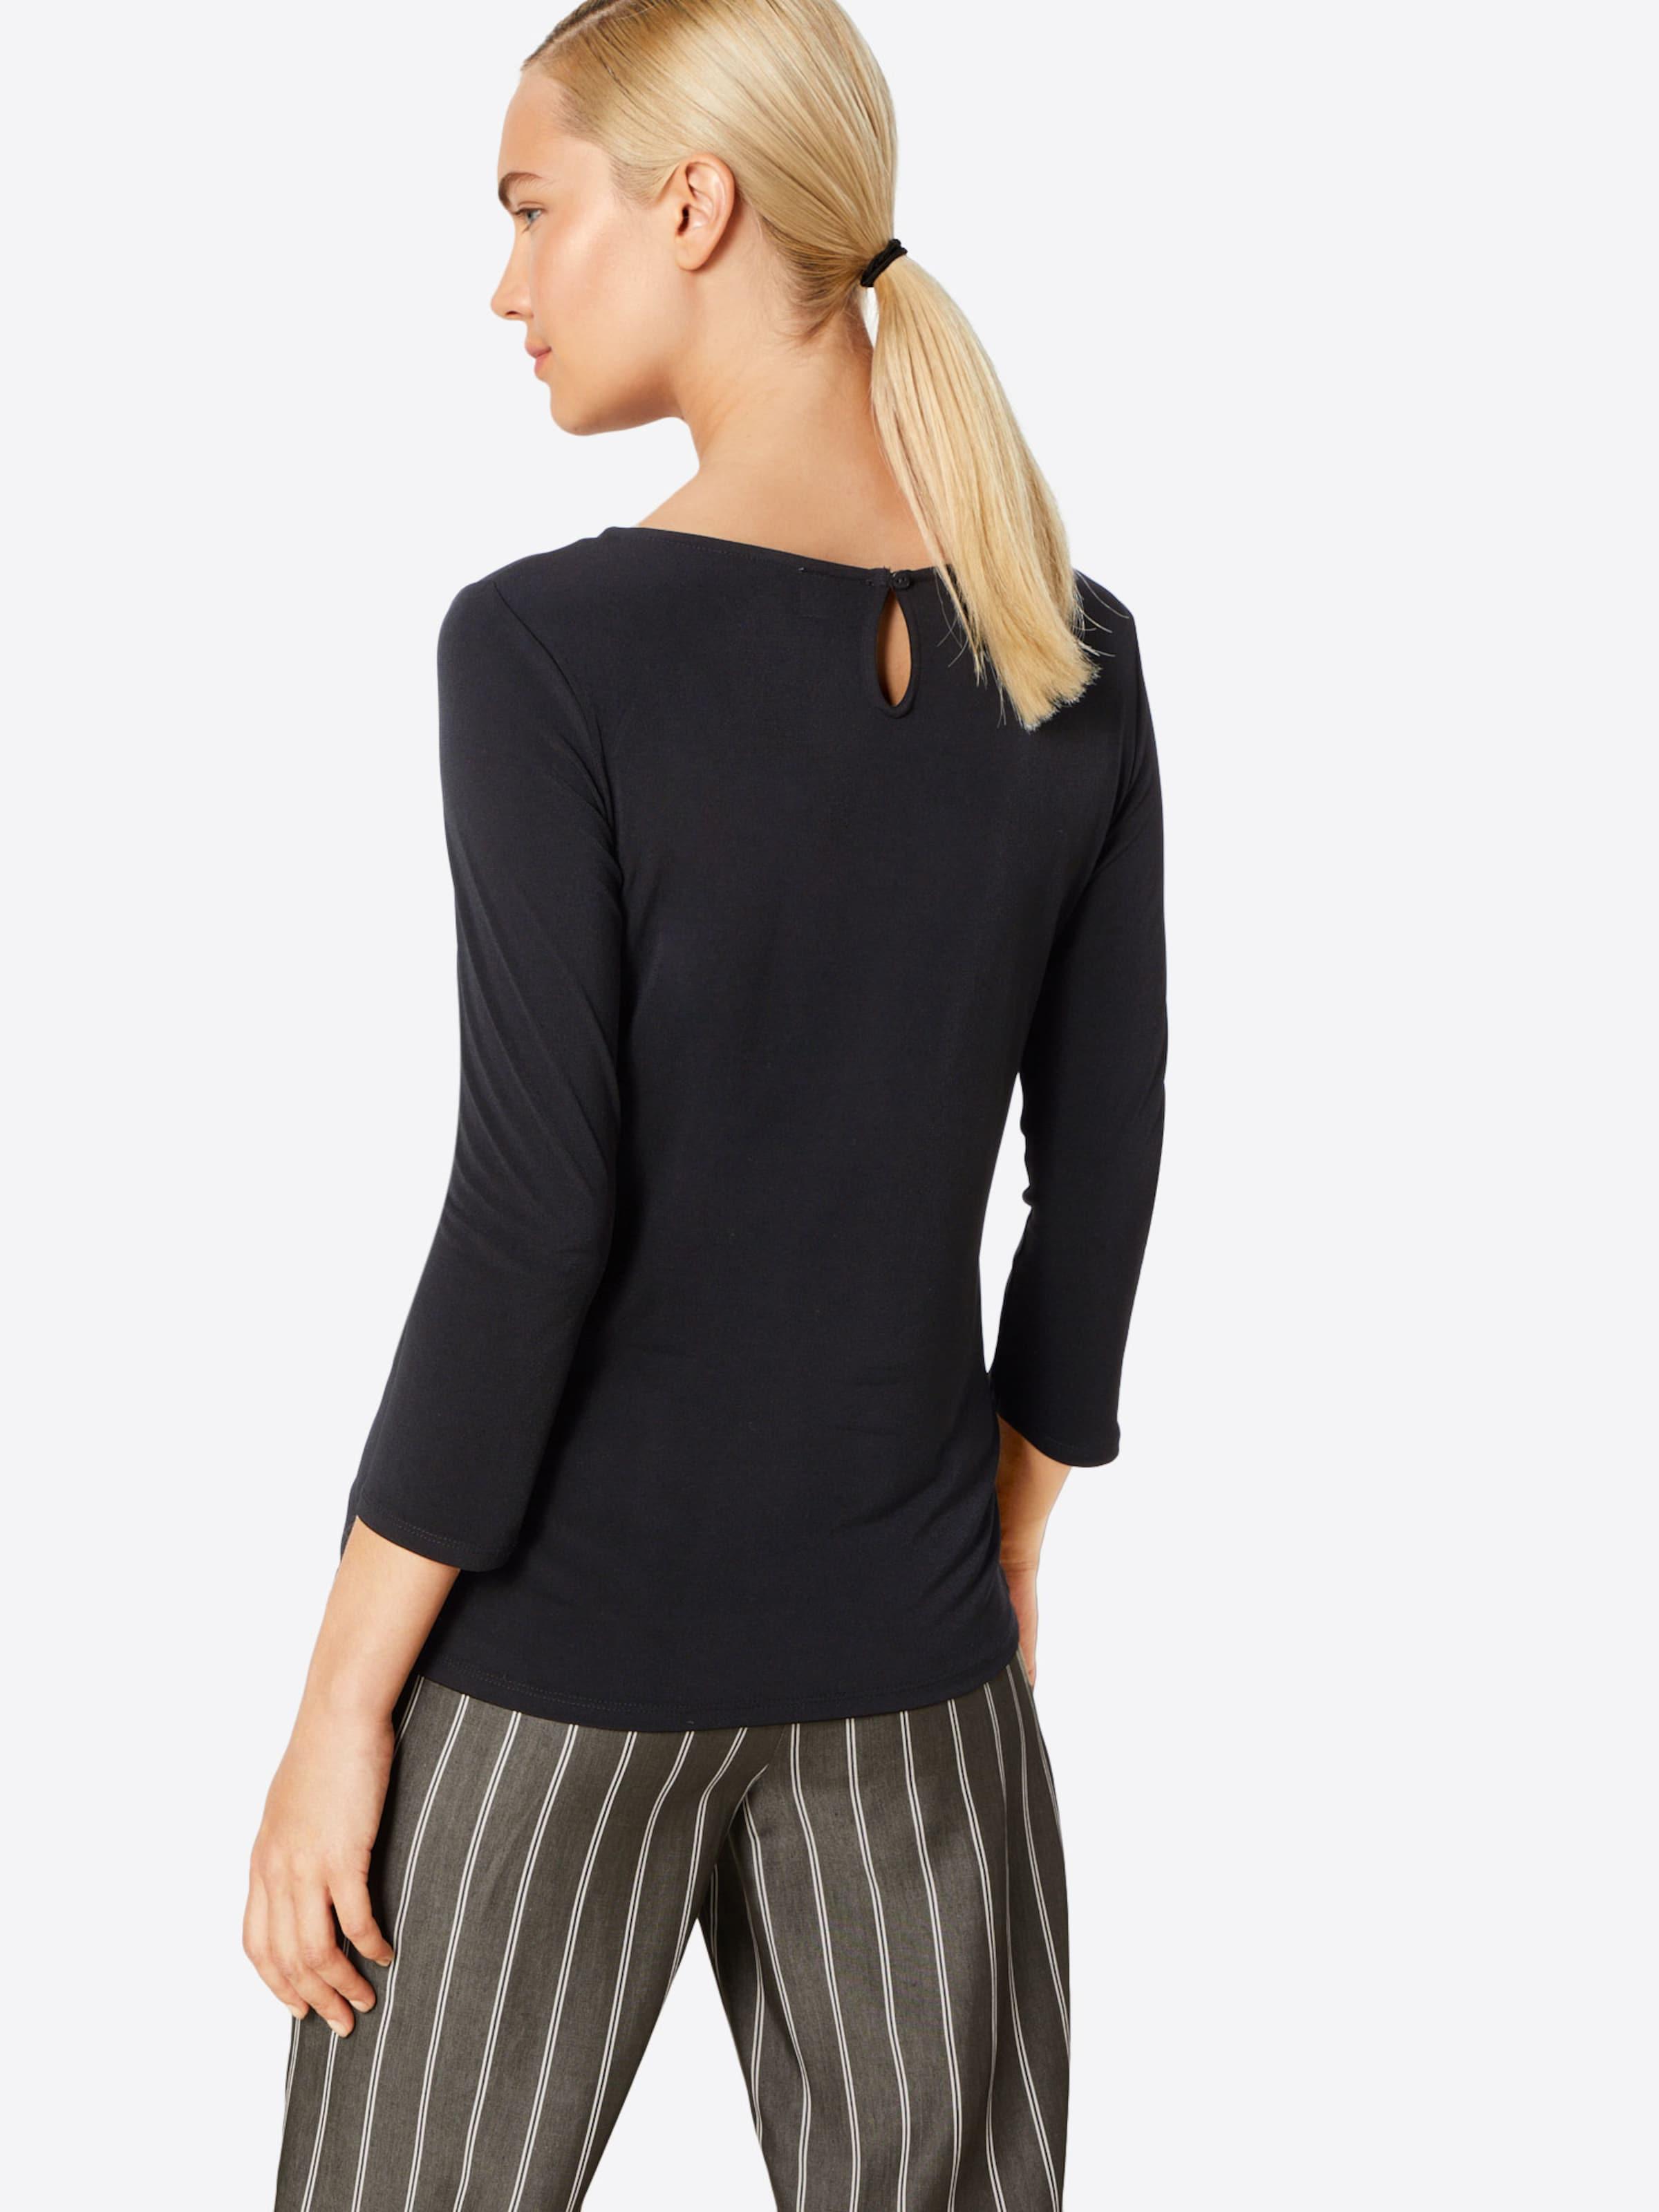 Esprit Shirts Collection In Schwarz T pSUzMV